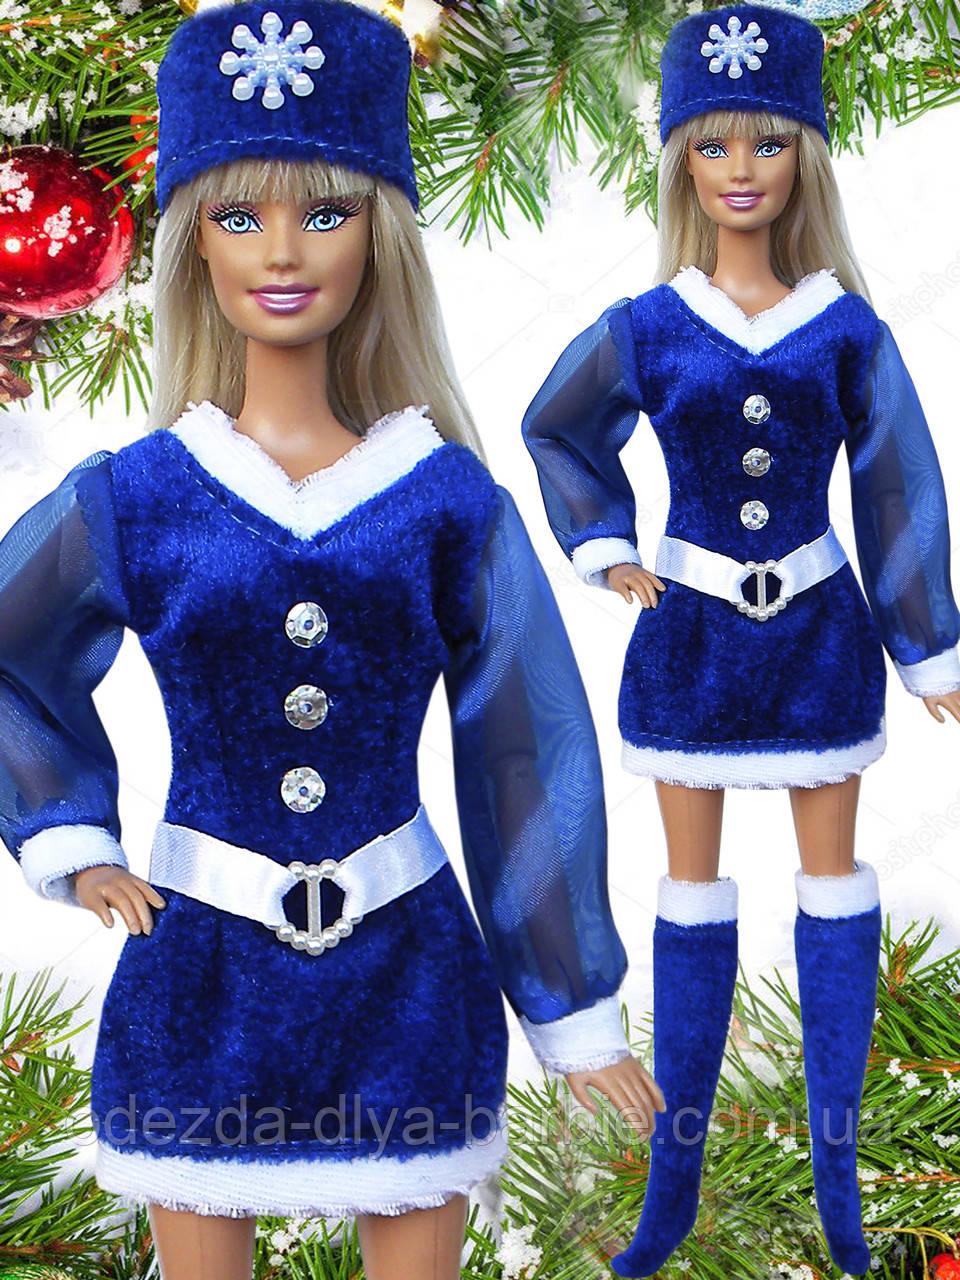 """Одежда для кукол Барби  - костюм """"Снегурочка"""""""